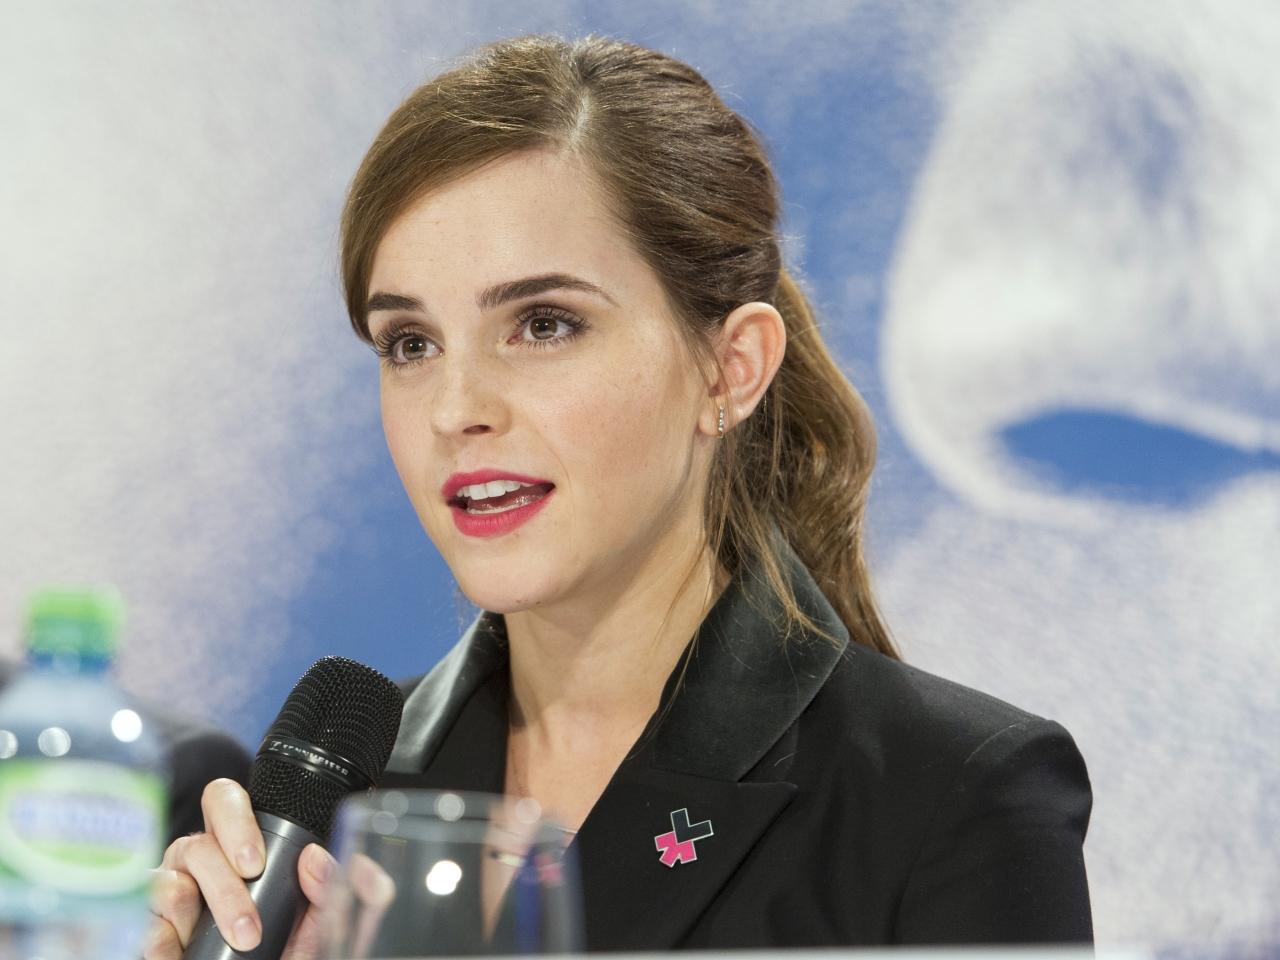 Emma Watson en la ONU - 1280x960